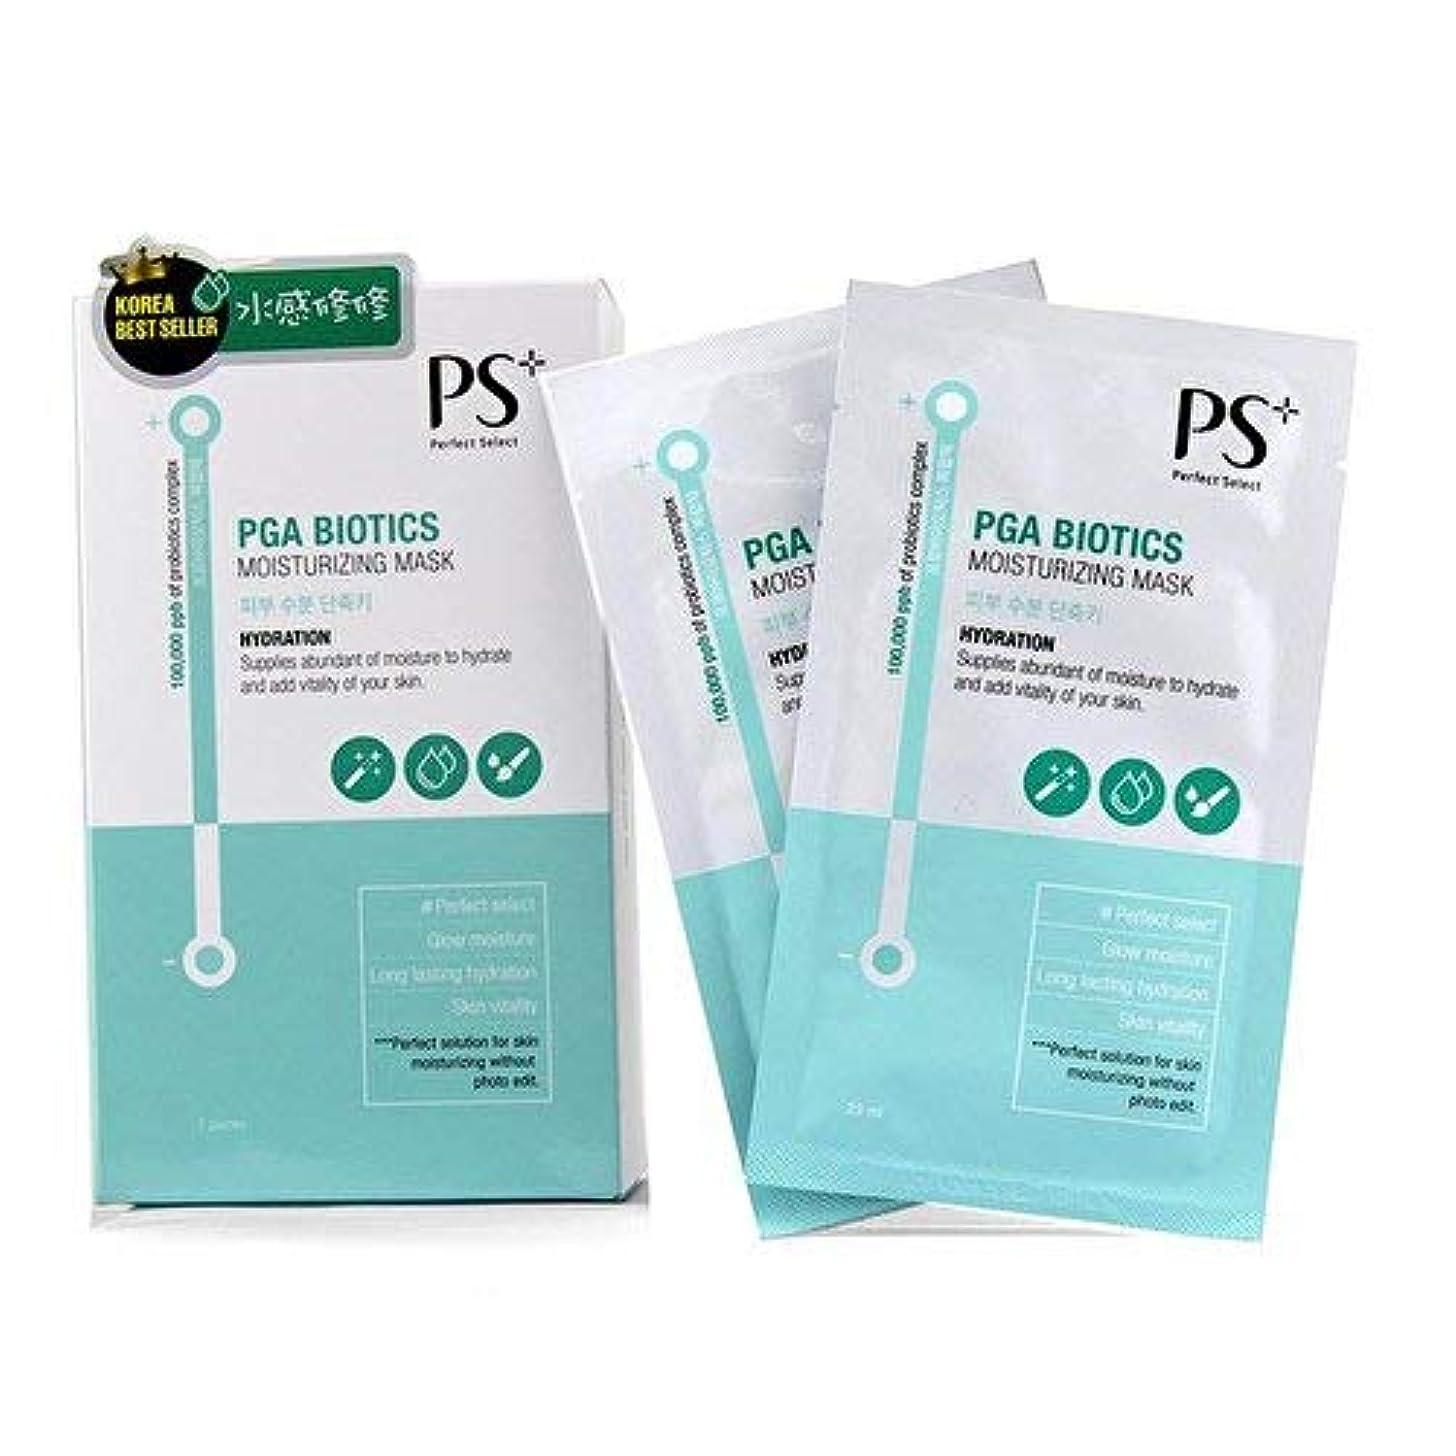 私に変わる尽きるPS Perfect Select PGA Biotics Moisturizing Mask - Hydration 7pcs並行輸入品